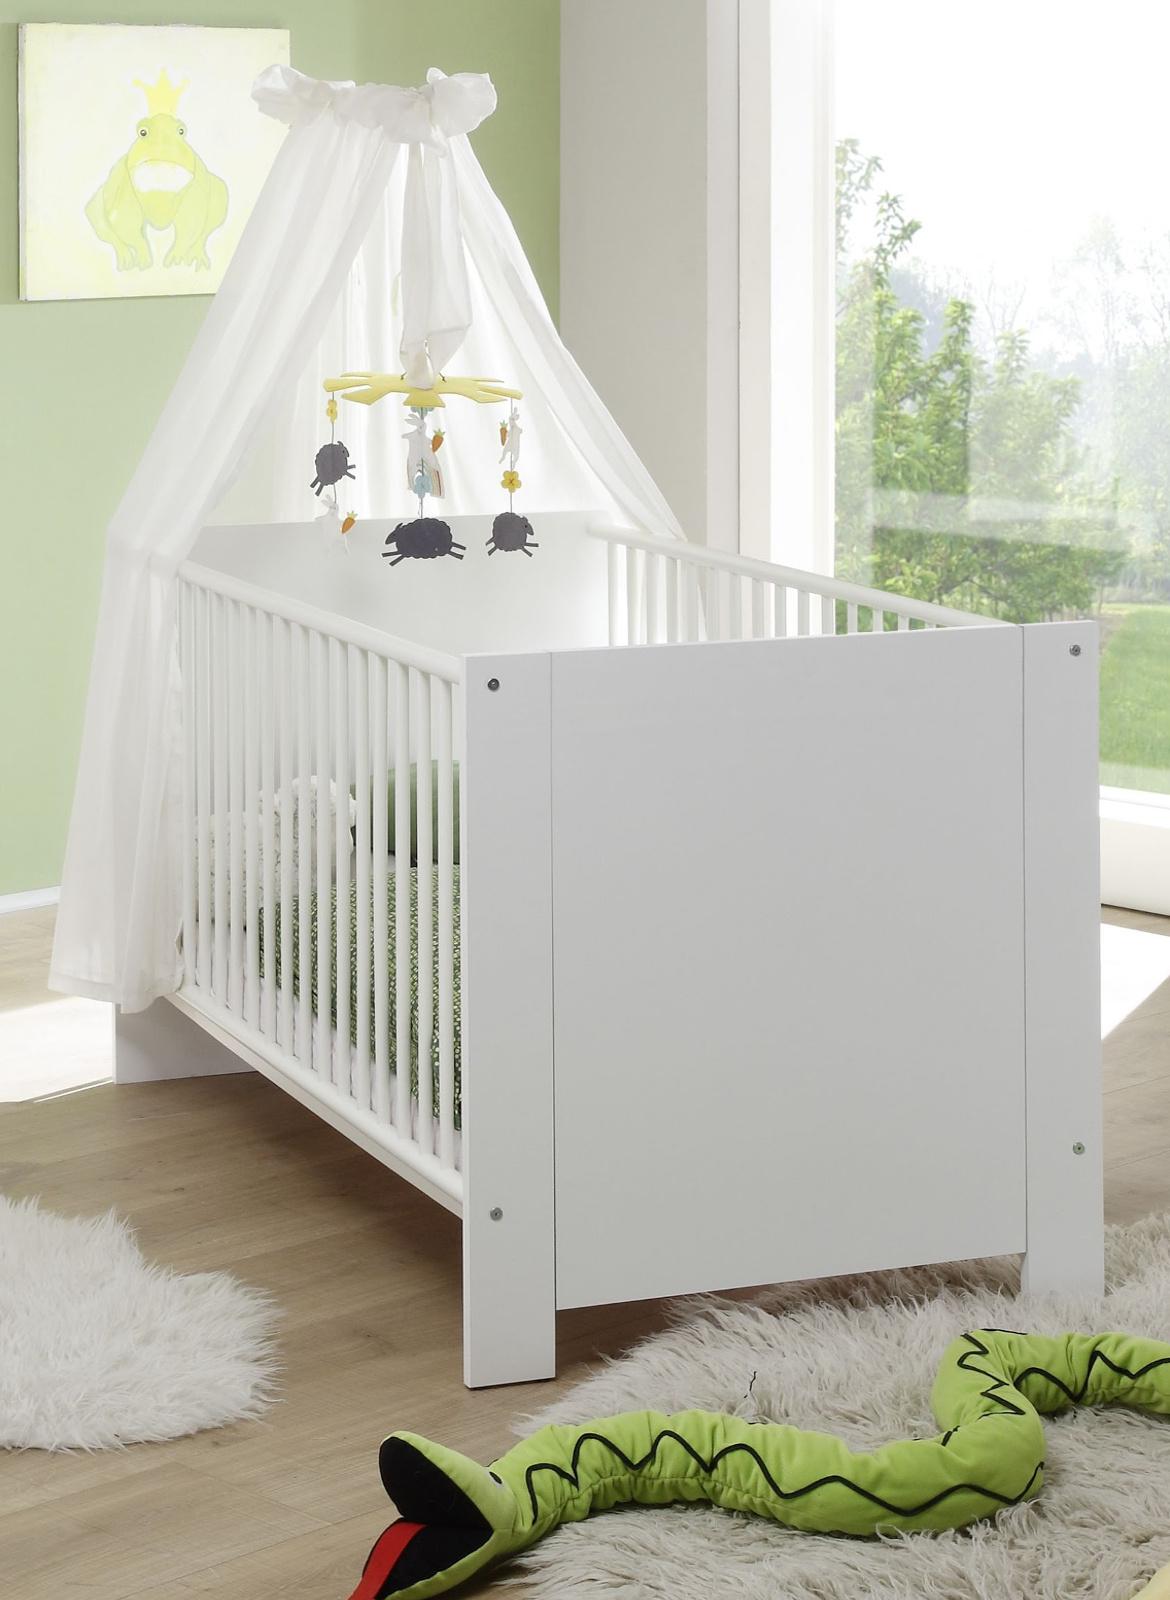 Full Size of Babybett Schwarz Gitterbett Olivia Wei 70 140 Cm Schwarzes Bett 180x200 Schwarze Küche Weiß Wohnzimmer Babybett Schwarz